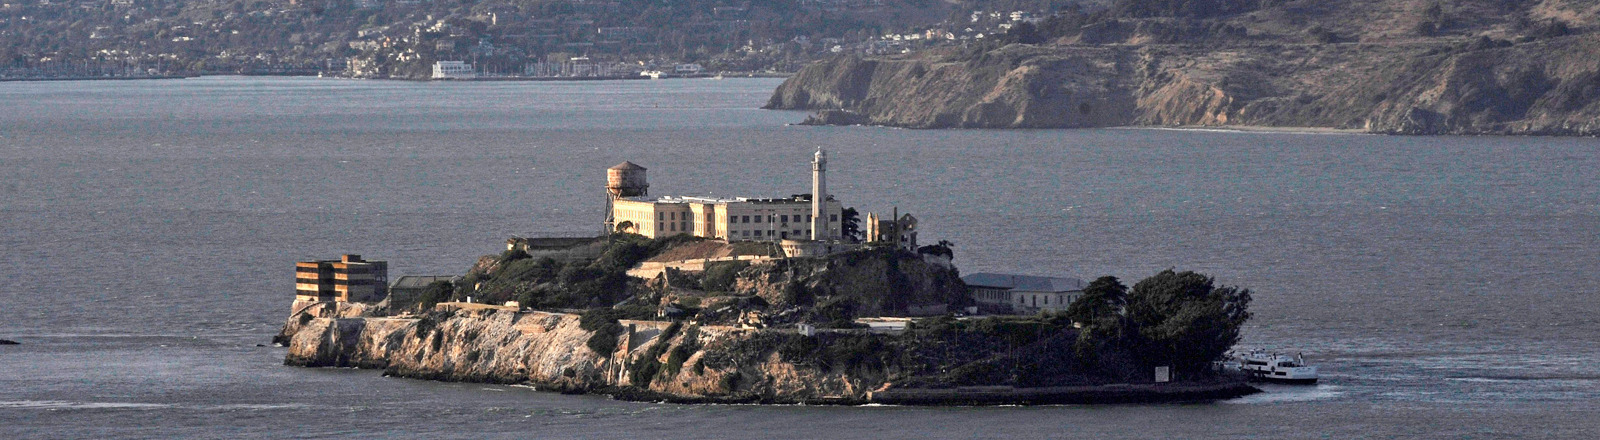 Die Gefängnisinsel Alcatraz, im Hintergrund sieht man die Bucht von San Fransisco; Bild: dpa